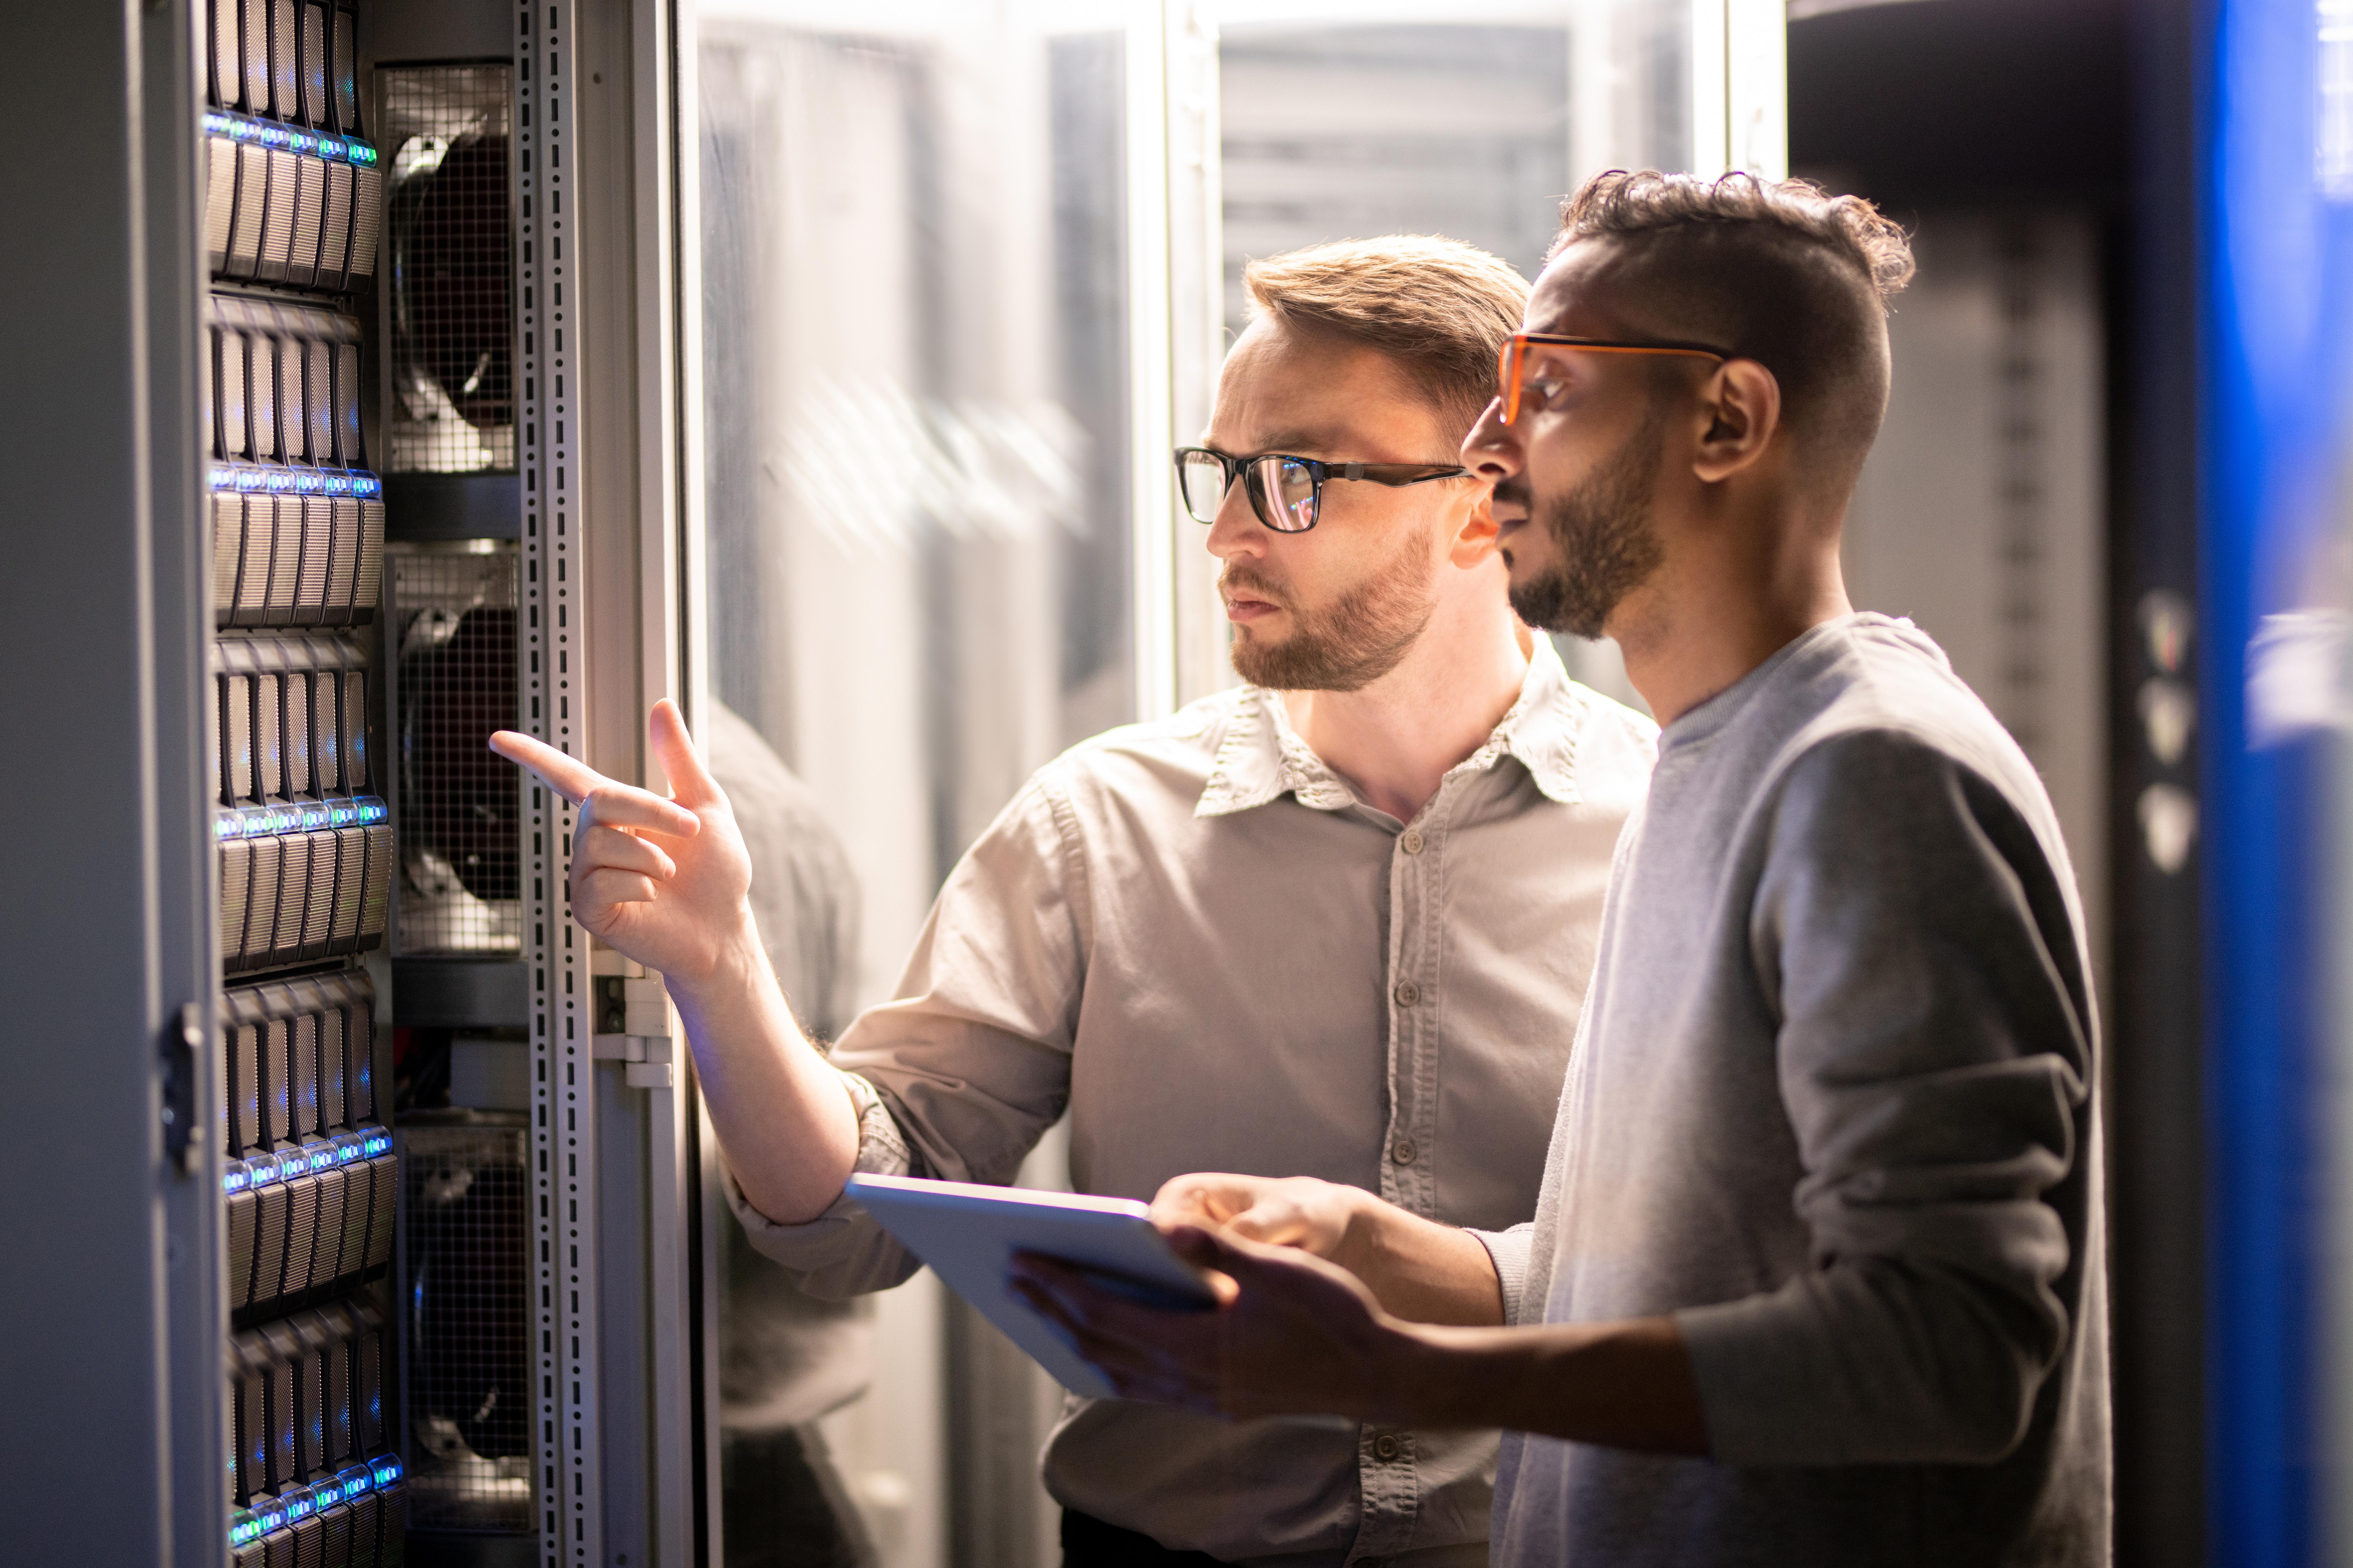 Zwei Männer prüfen die IT-Infrastruktur